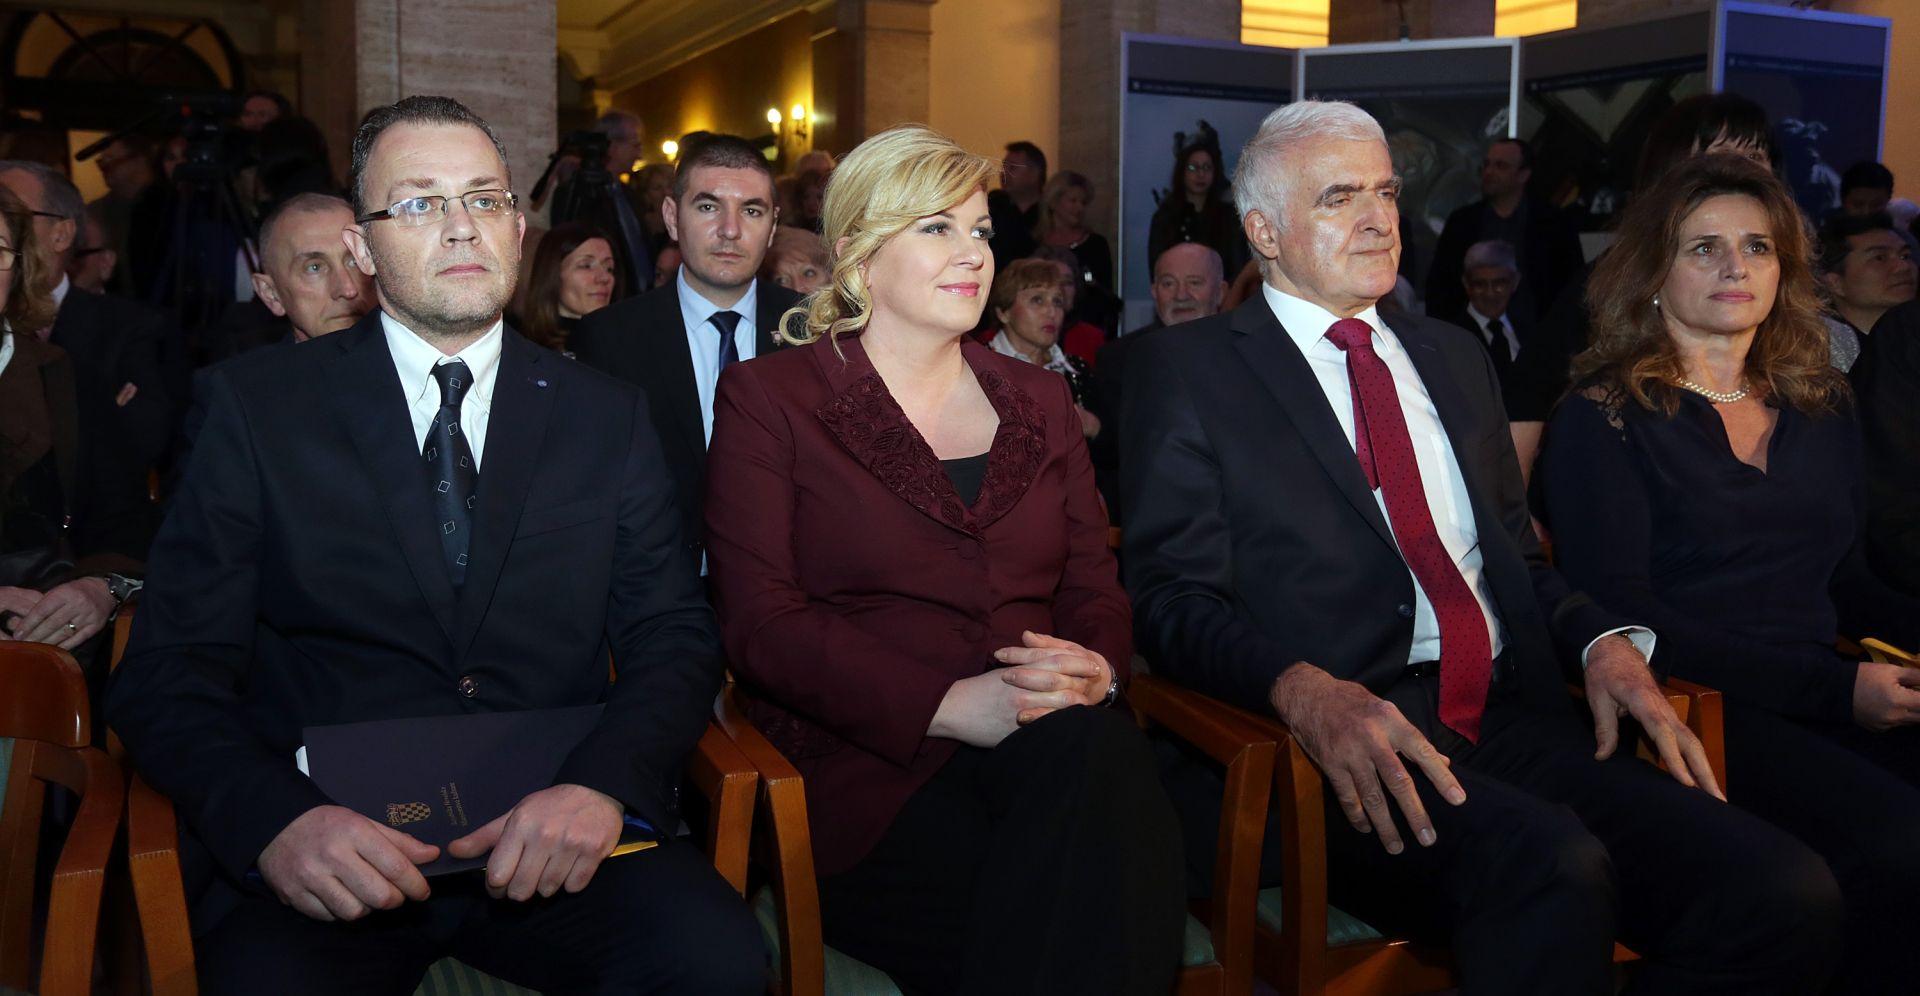 Predsjednica Grabar Kitarović: Iduća Noć muzeja mogla bi biti u znaku žena